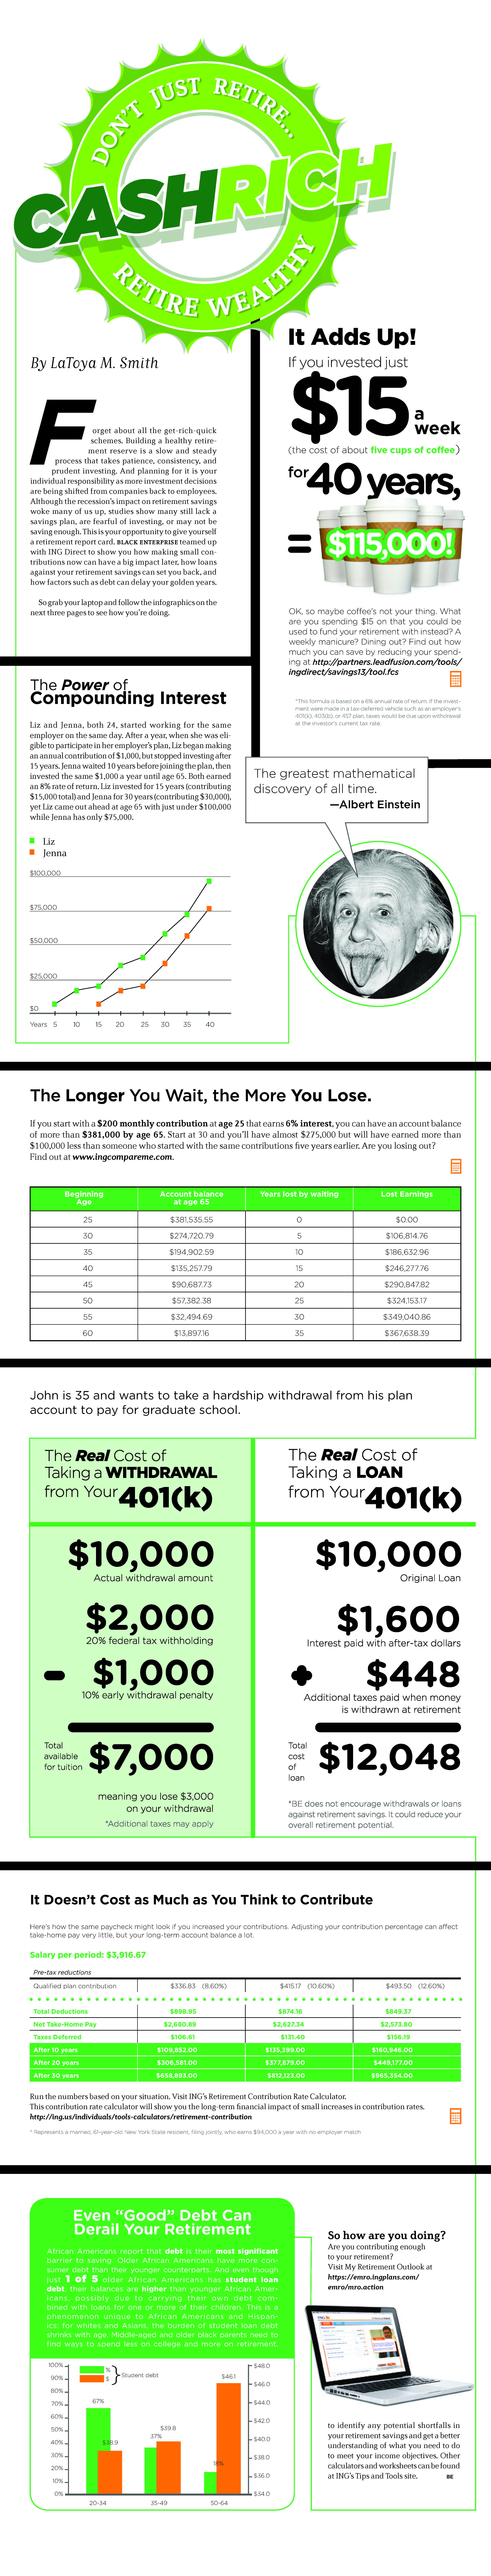 Cash Rich Infographic